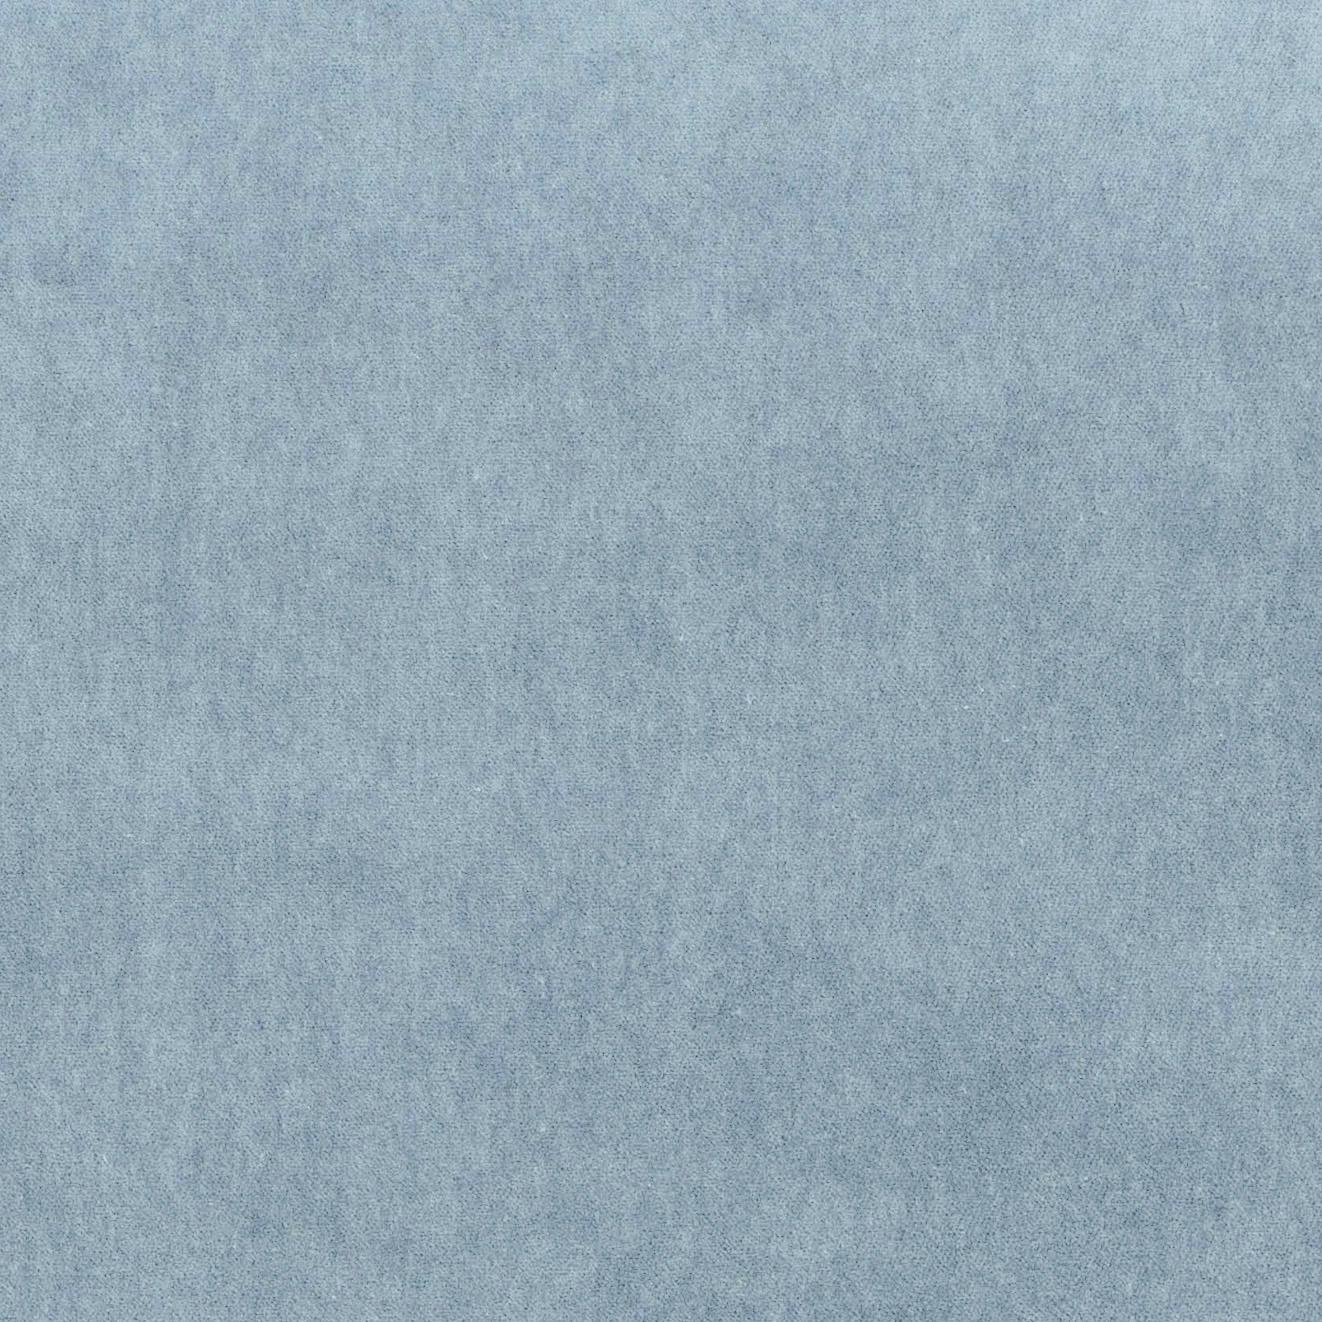 4 Malibu velvet blue